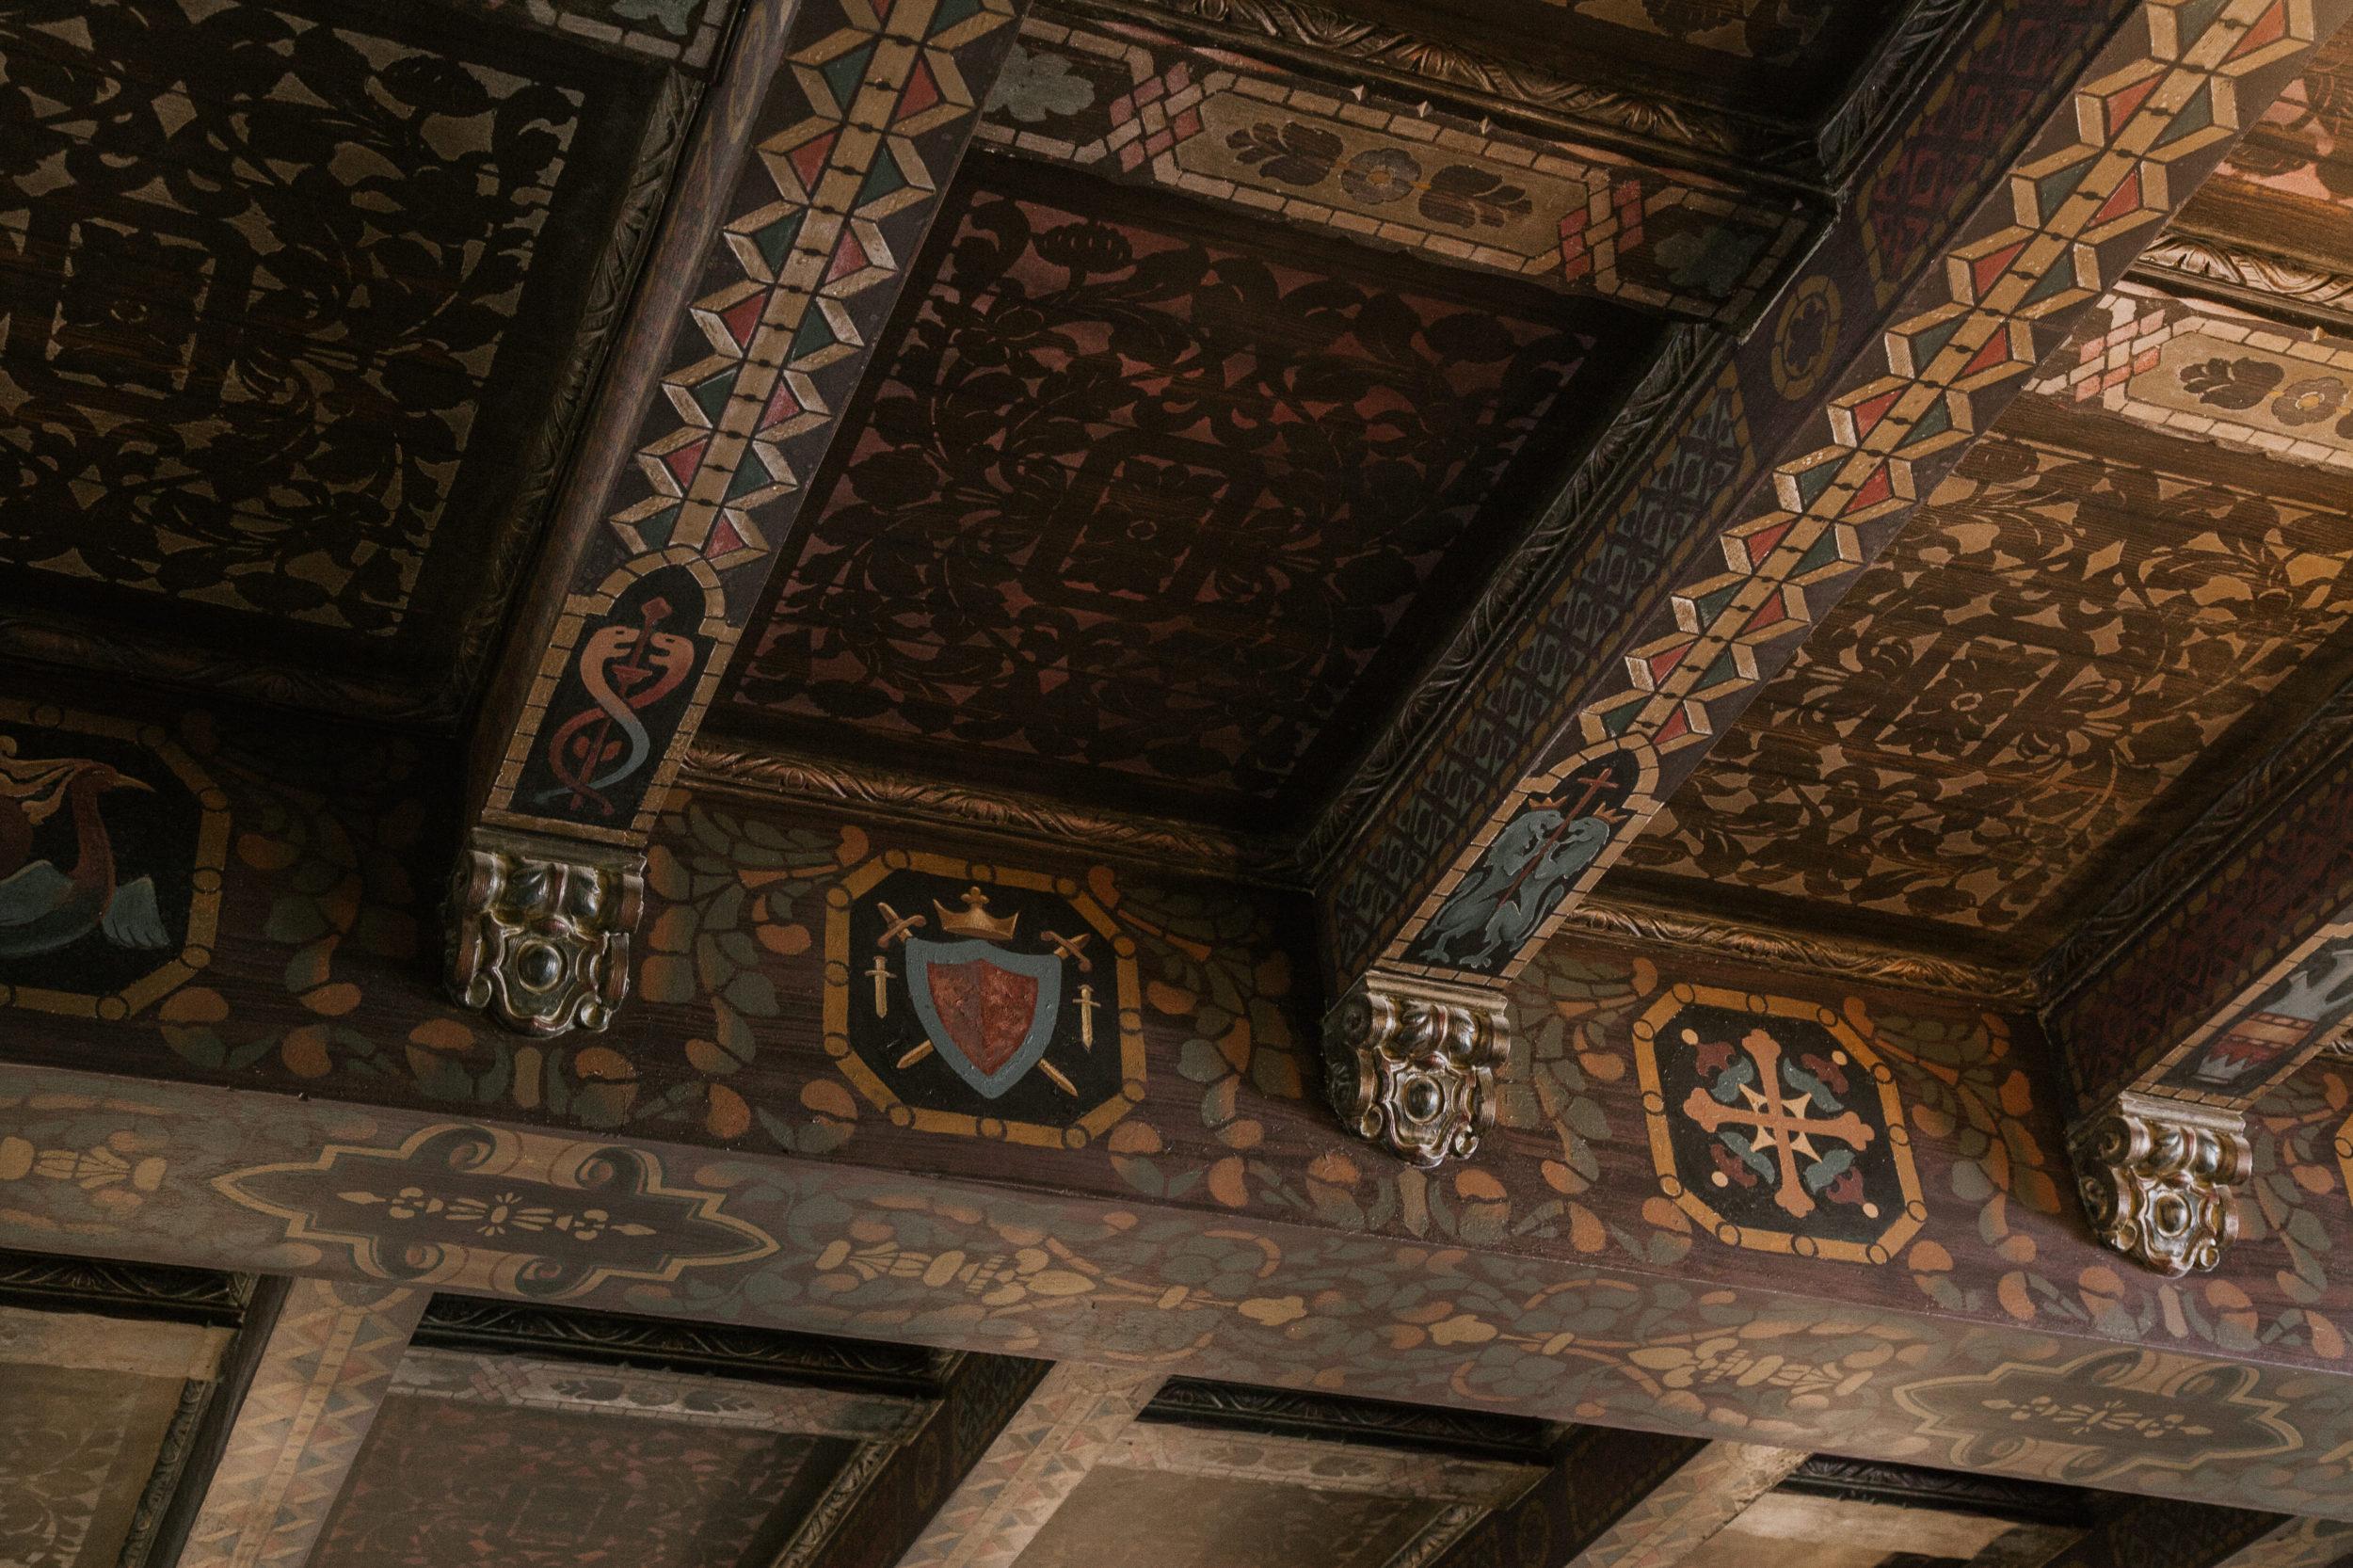 villa carlotta ceiling copy.jpg